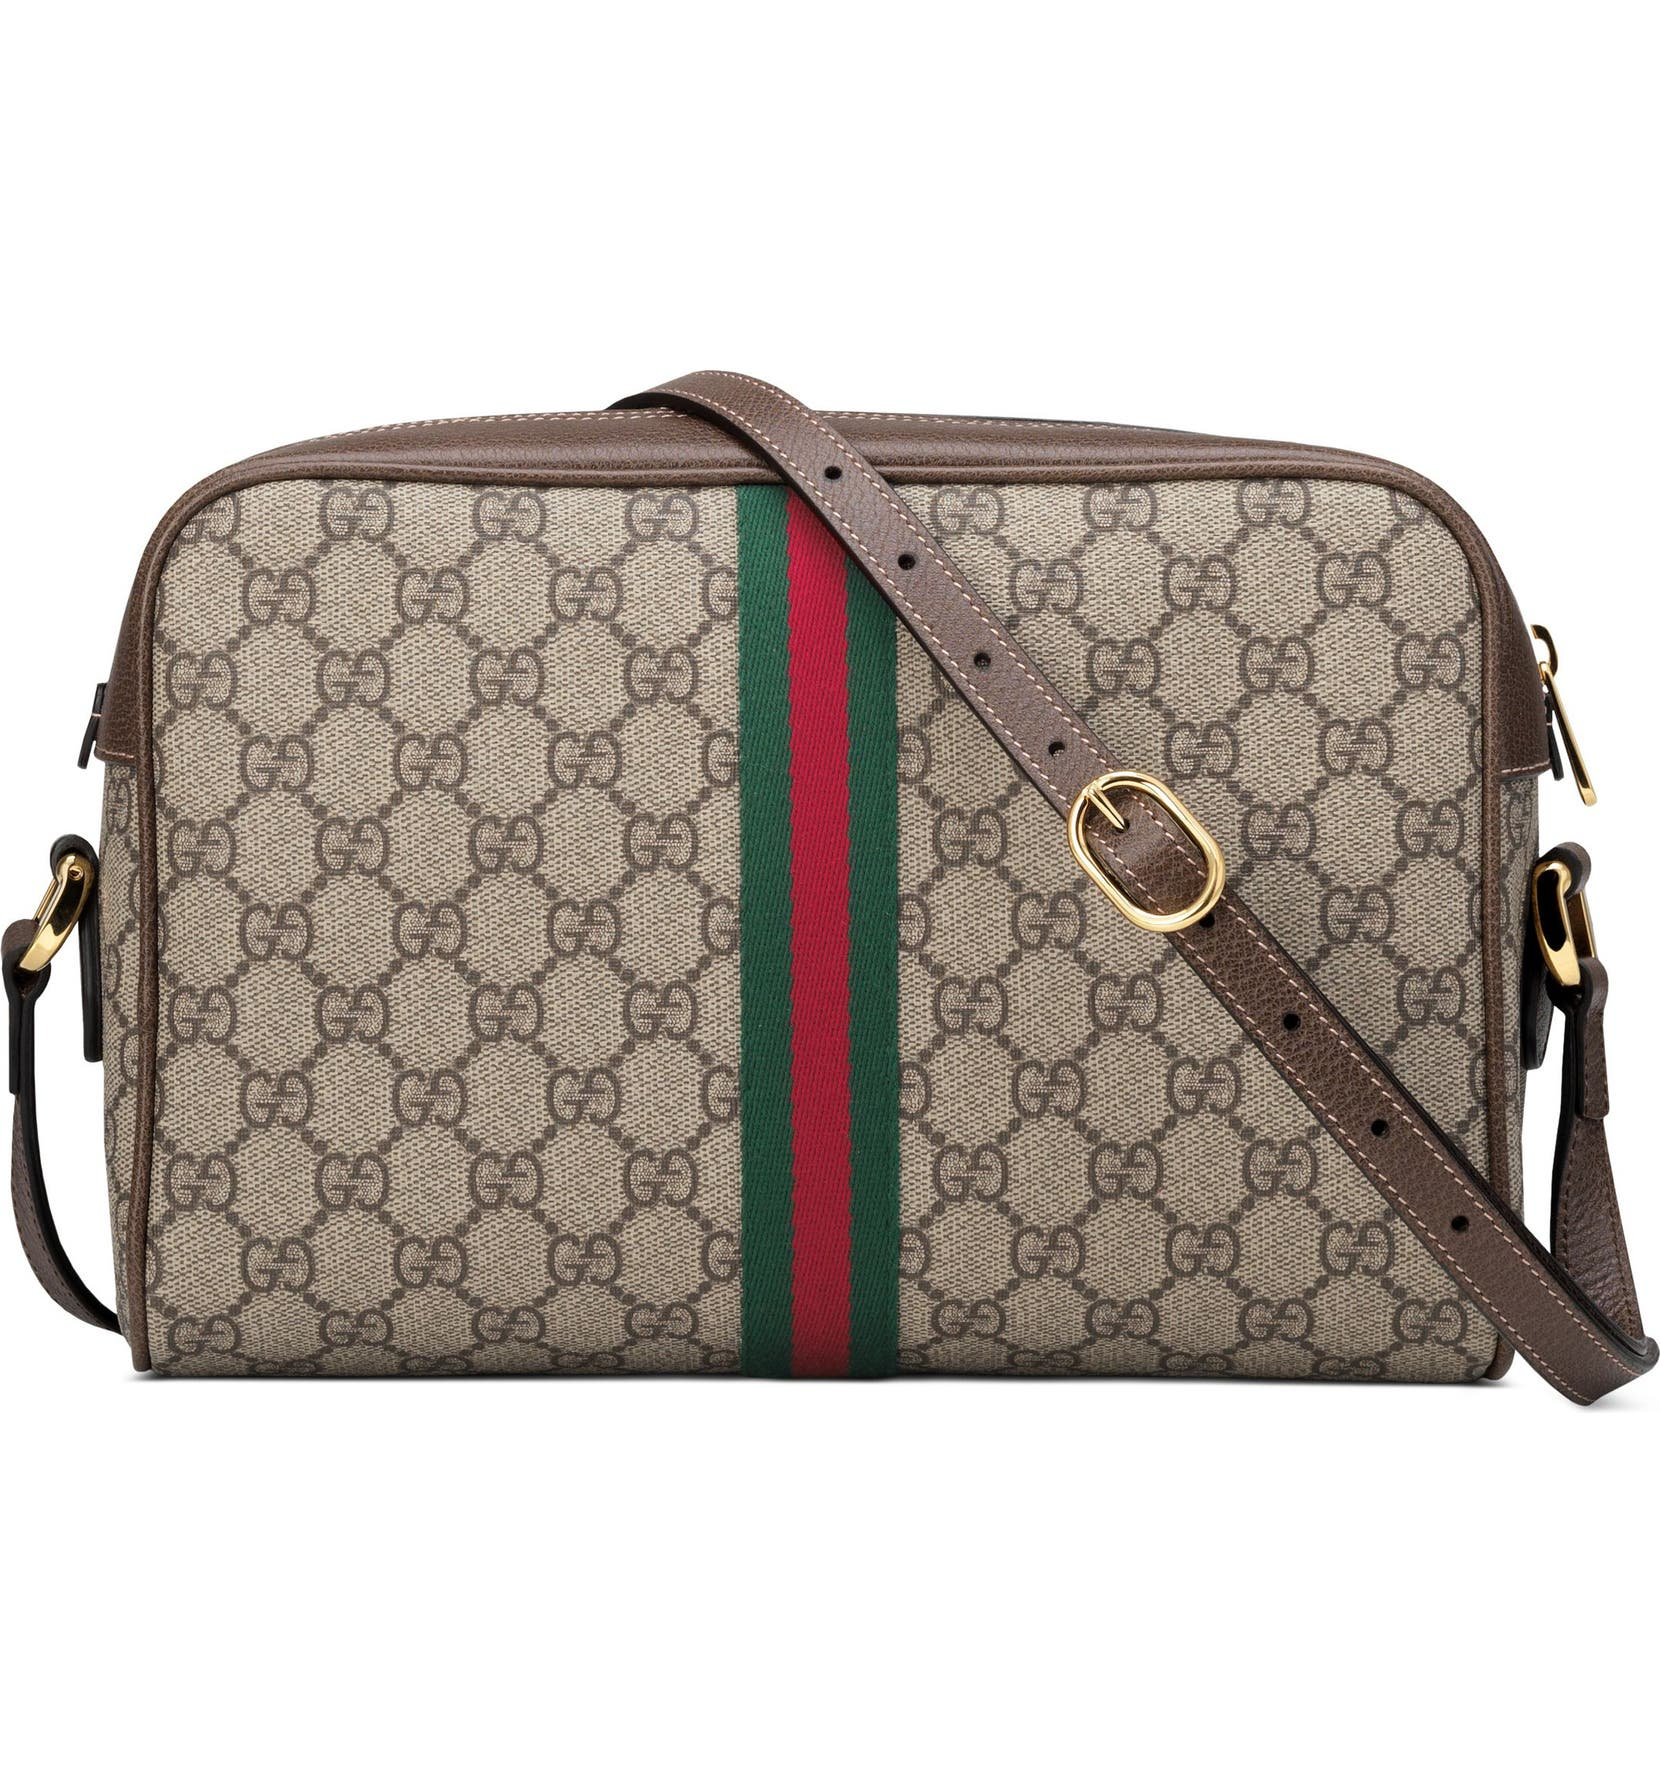 f3bc88cf2e47 Gucci Ophidia GG Supreme Canvas Crossbody Bag | Nordstrom